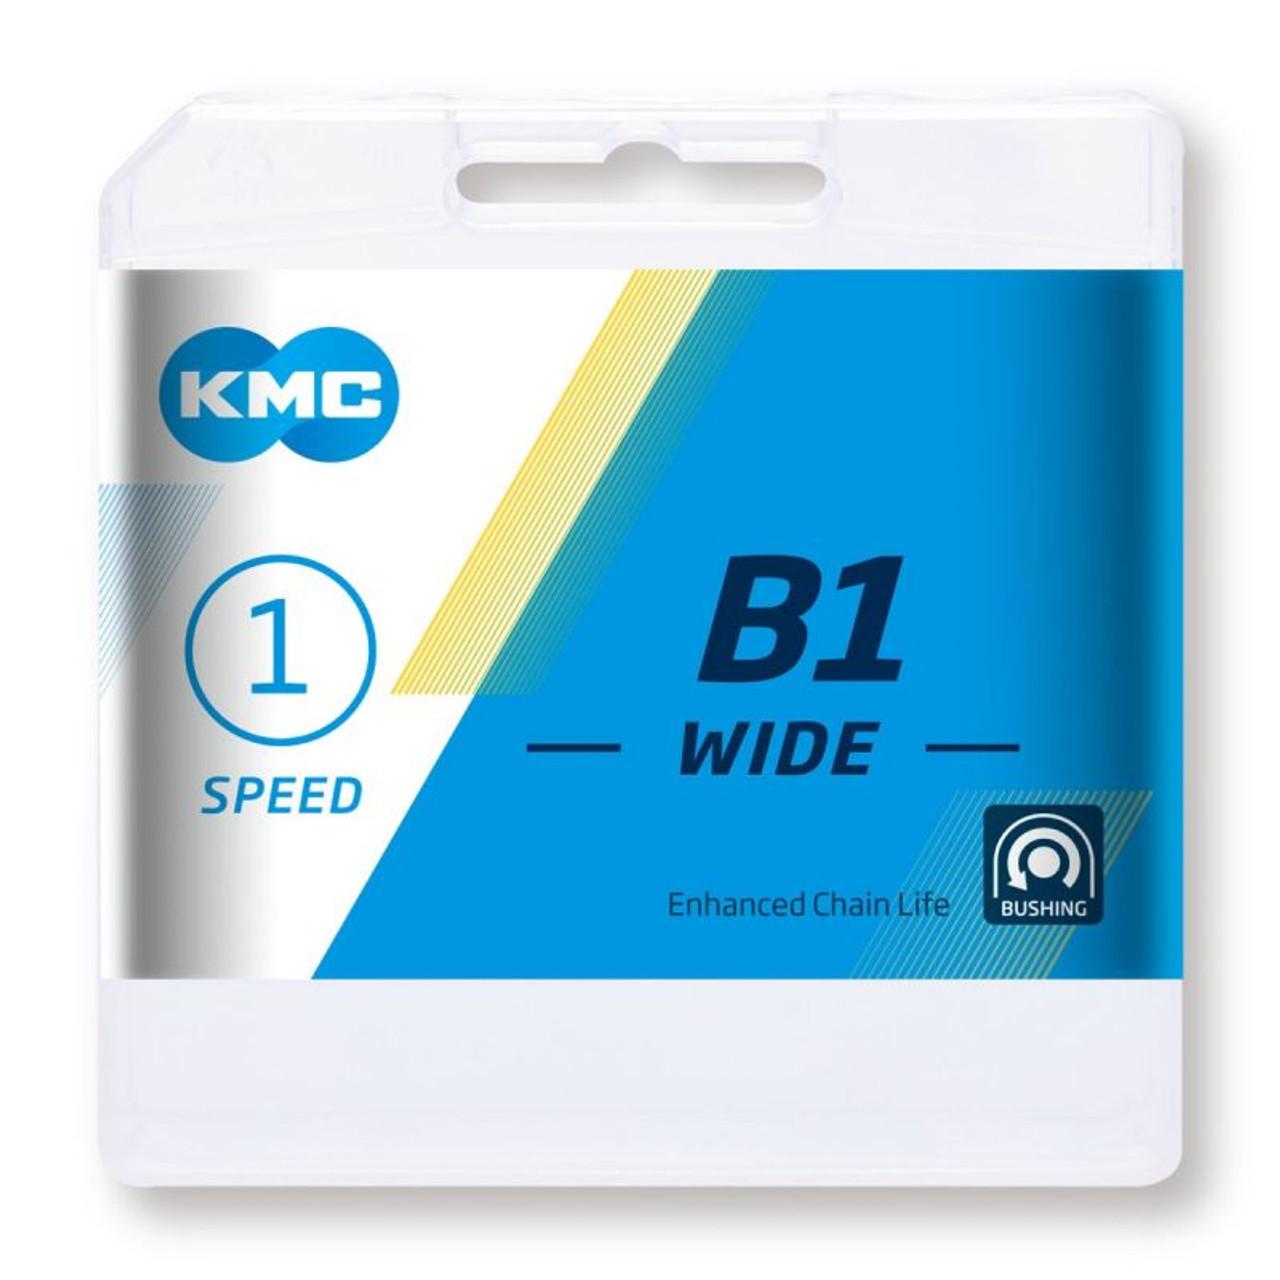 KMC B1 Wide Black 1 Speed 112L Chain